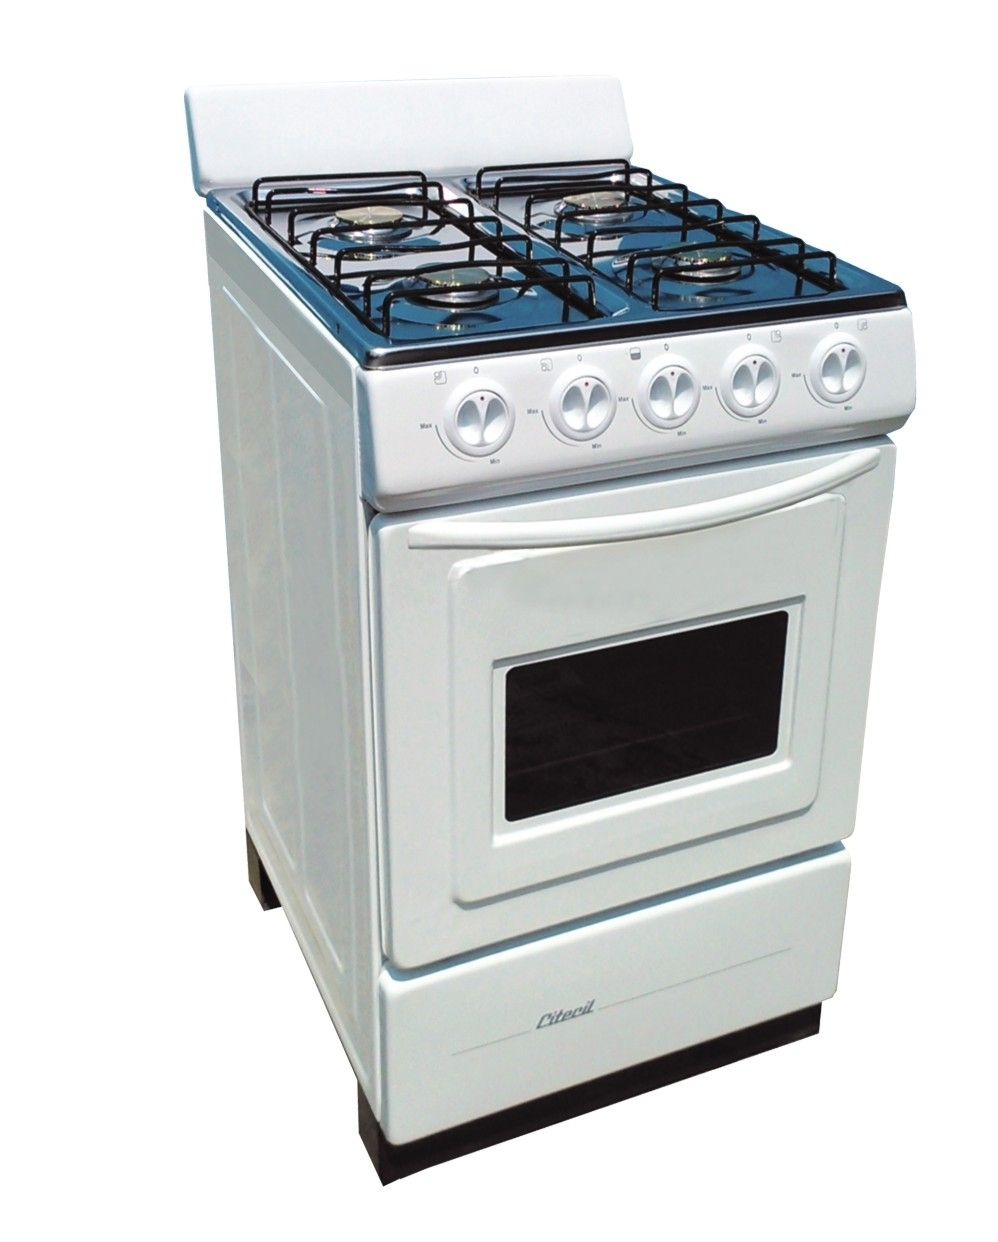 Cocina con horno 4 hornillas modelo cheff mesa acero - Cocina gas natural con horno ...